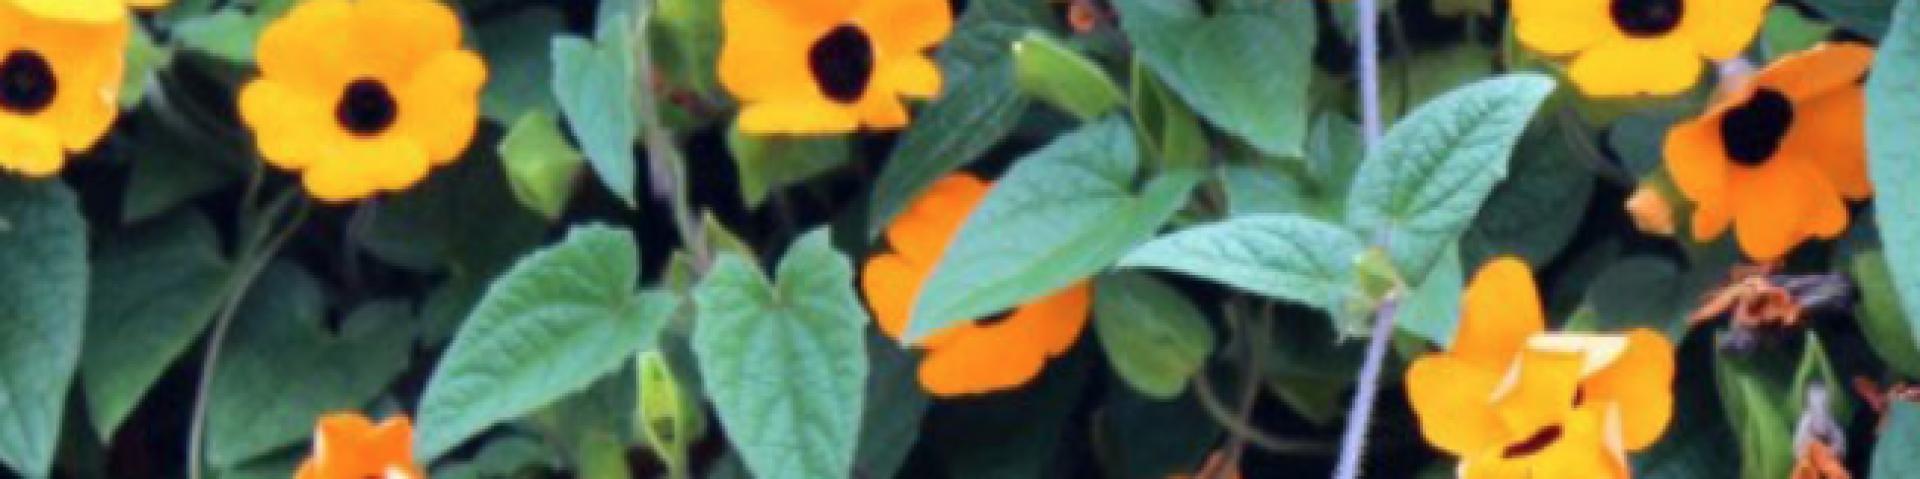 Floresdelmundo